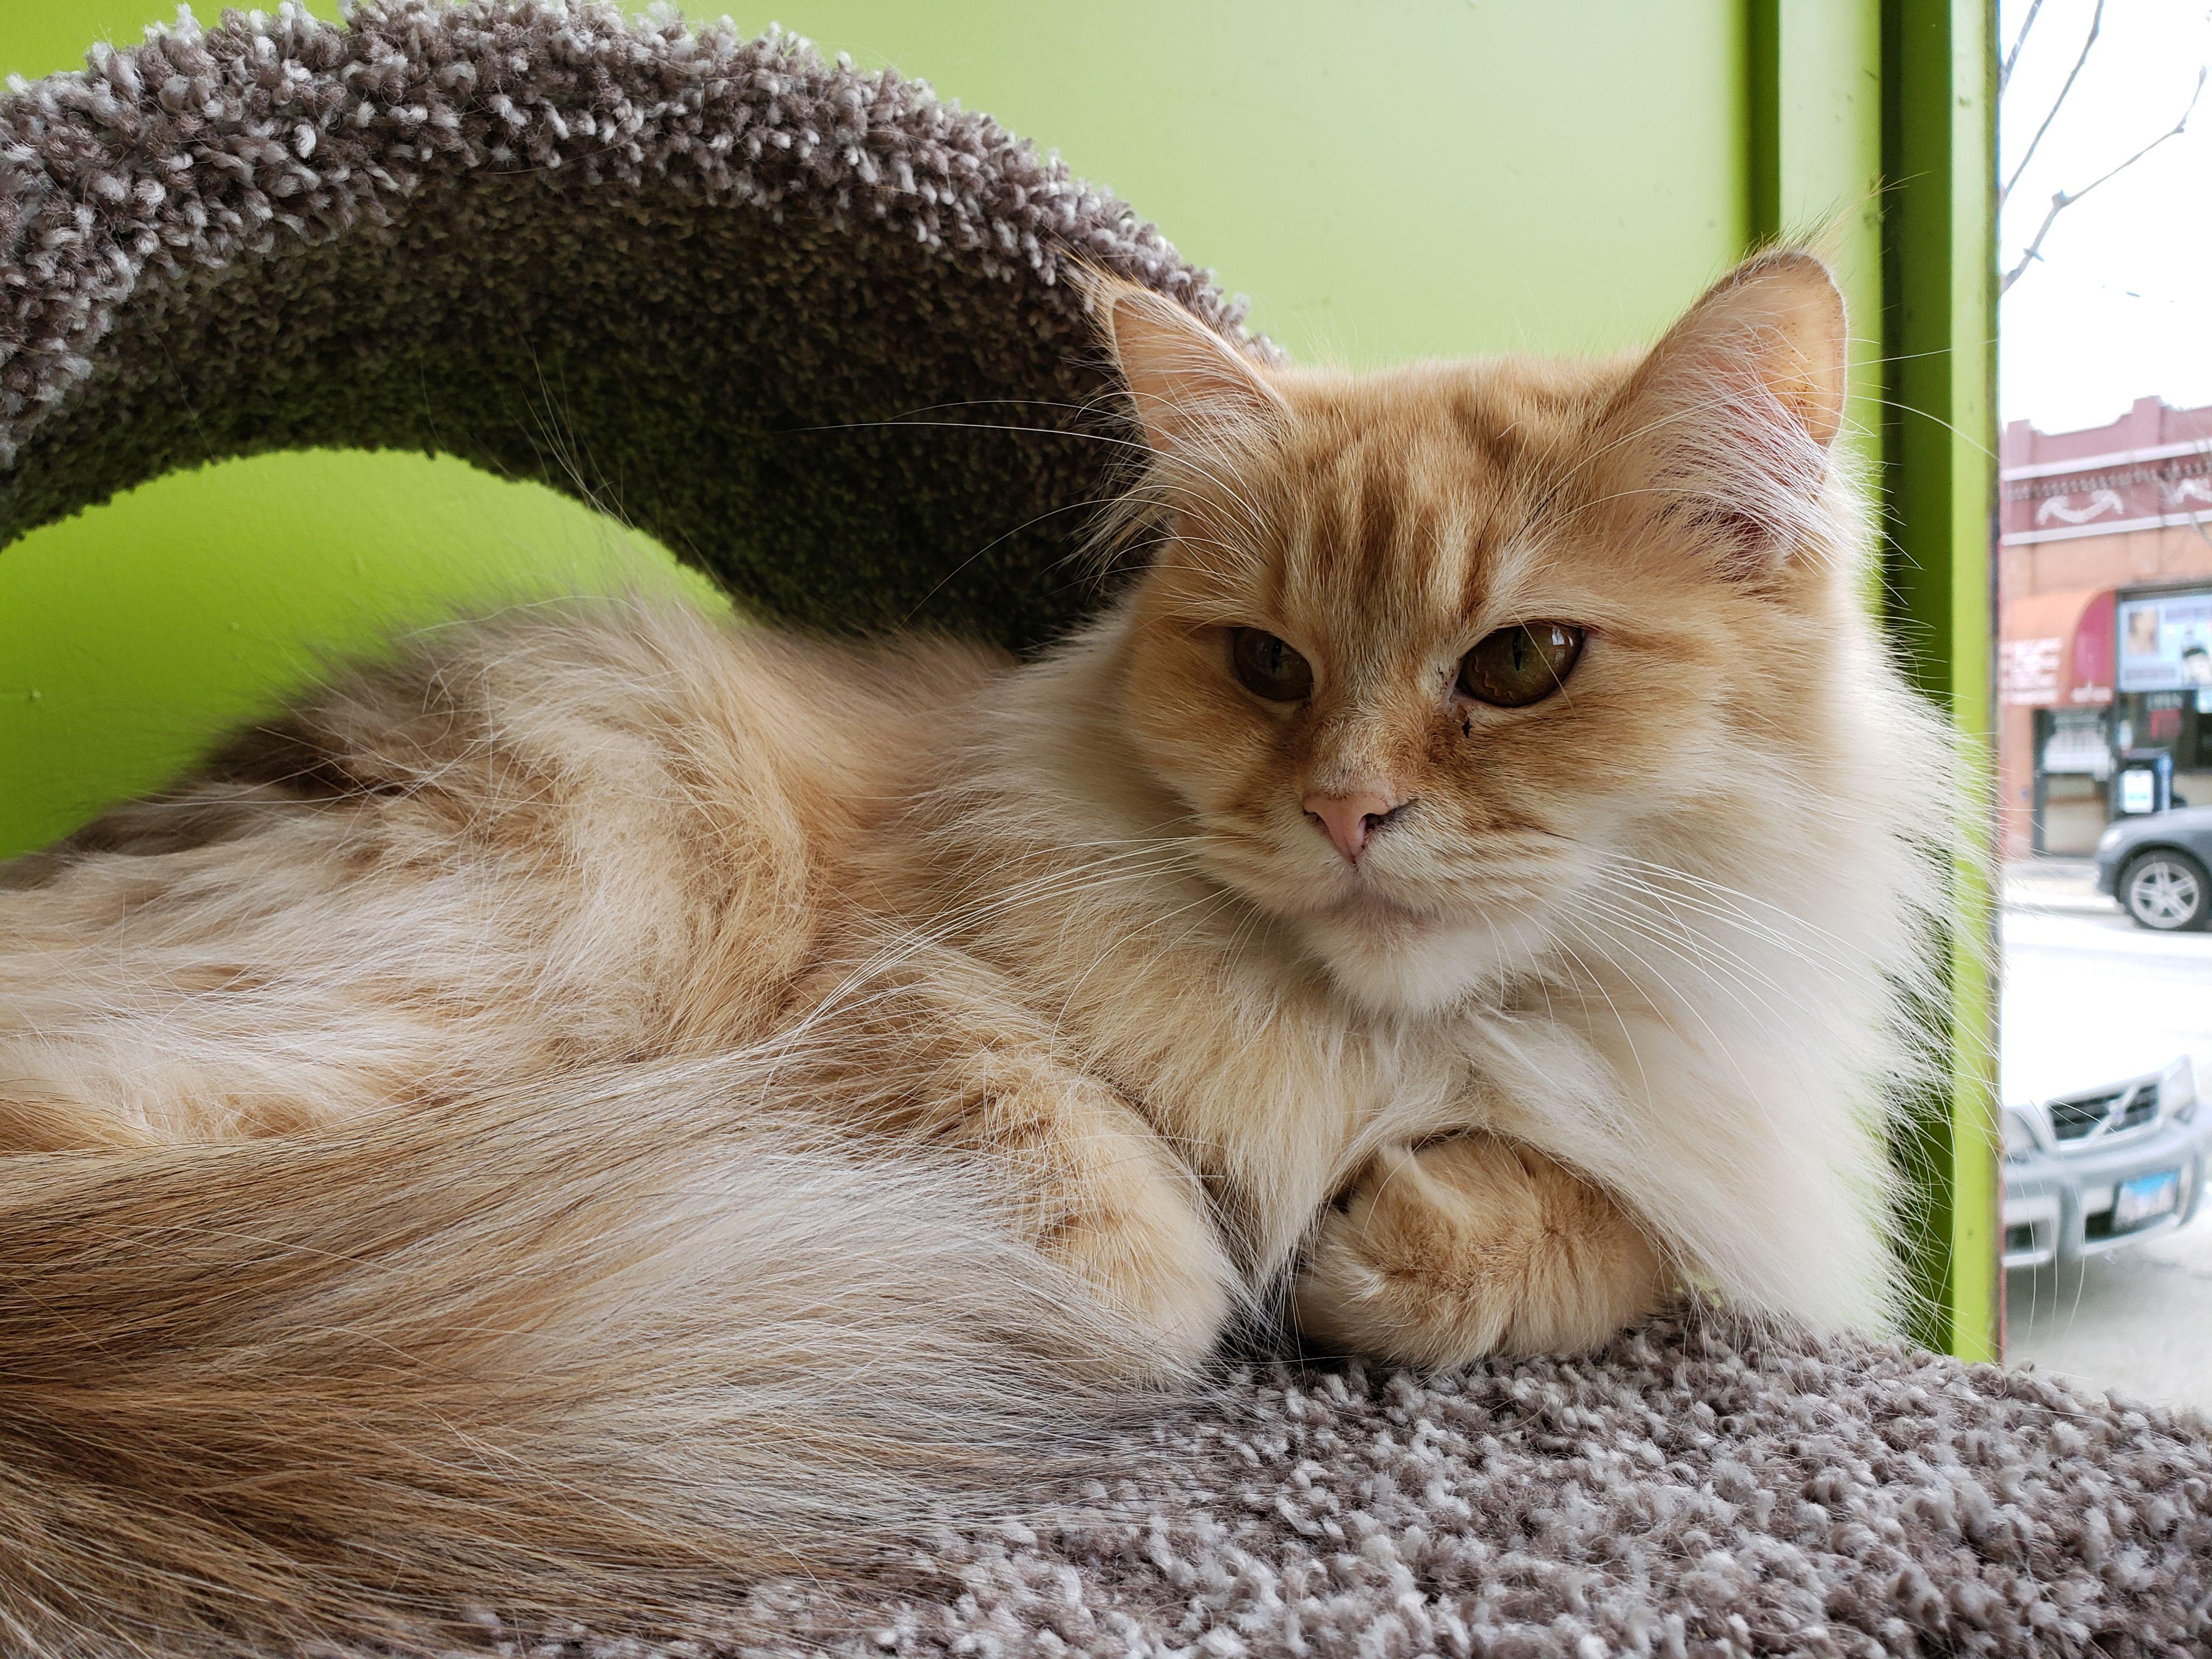 Nokia 7.1 cat photo